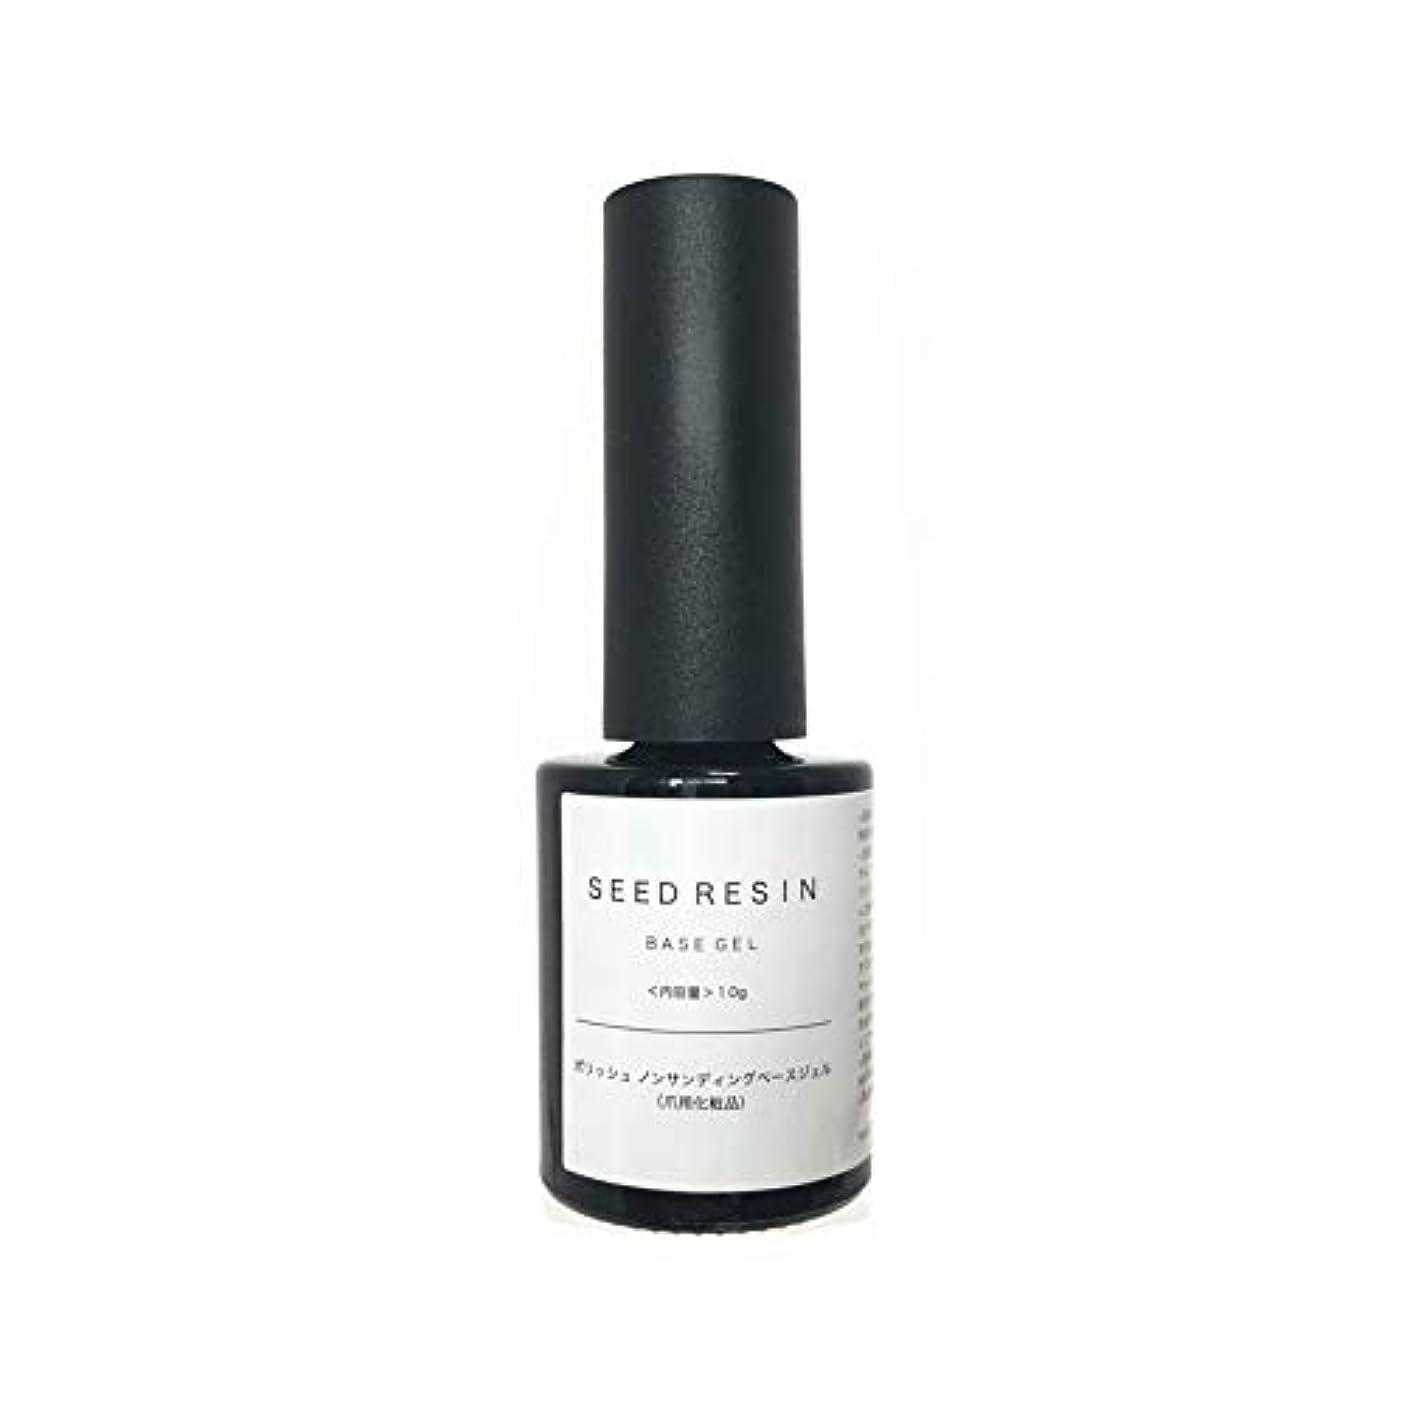 効果エチケット午後SEED RESIN(シードレジン) ジェルネイル ポリッシュ ノンサンディング ベースジェル 10g 爪用化粧品 日本製